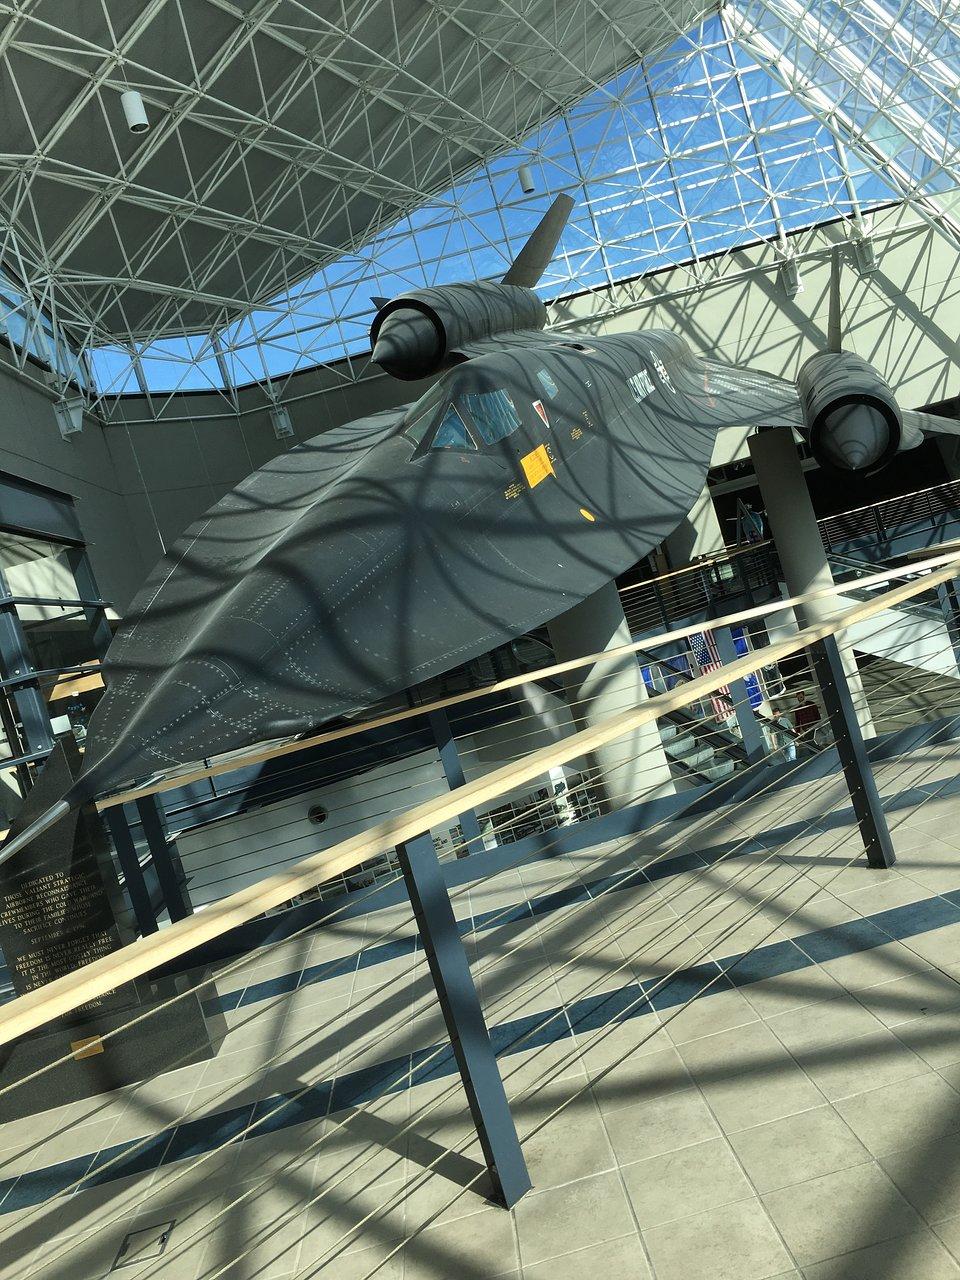 Strategic Air Command & Aerospace Museum